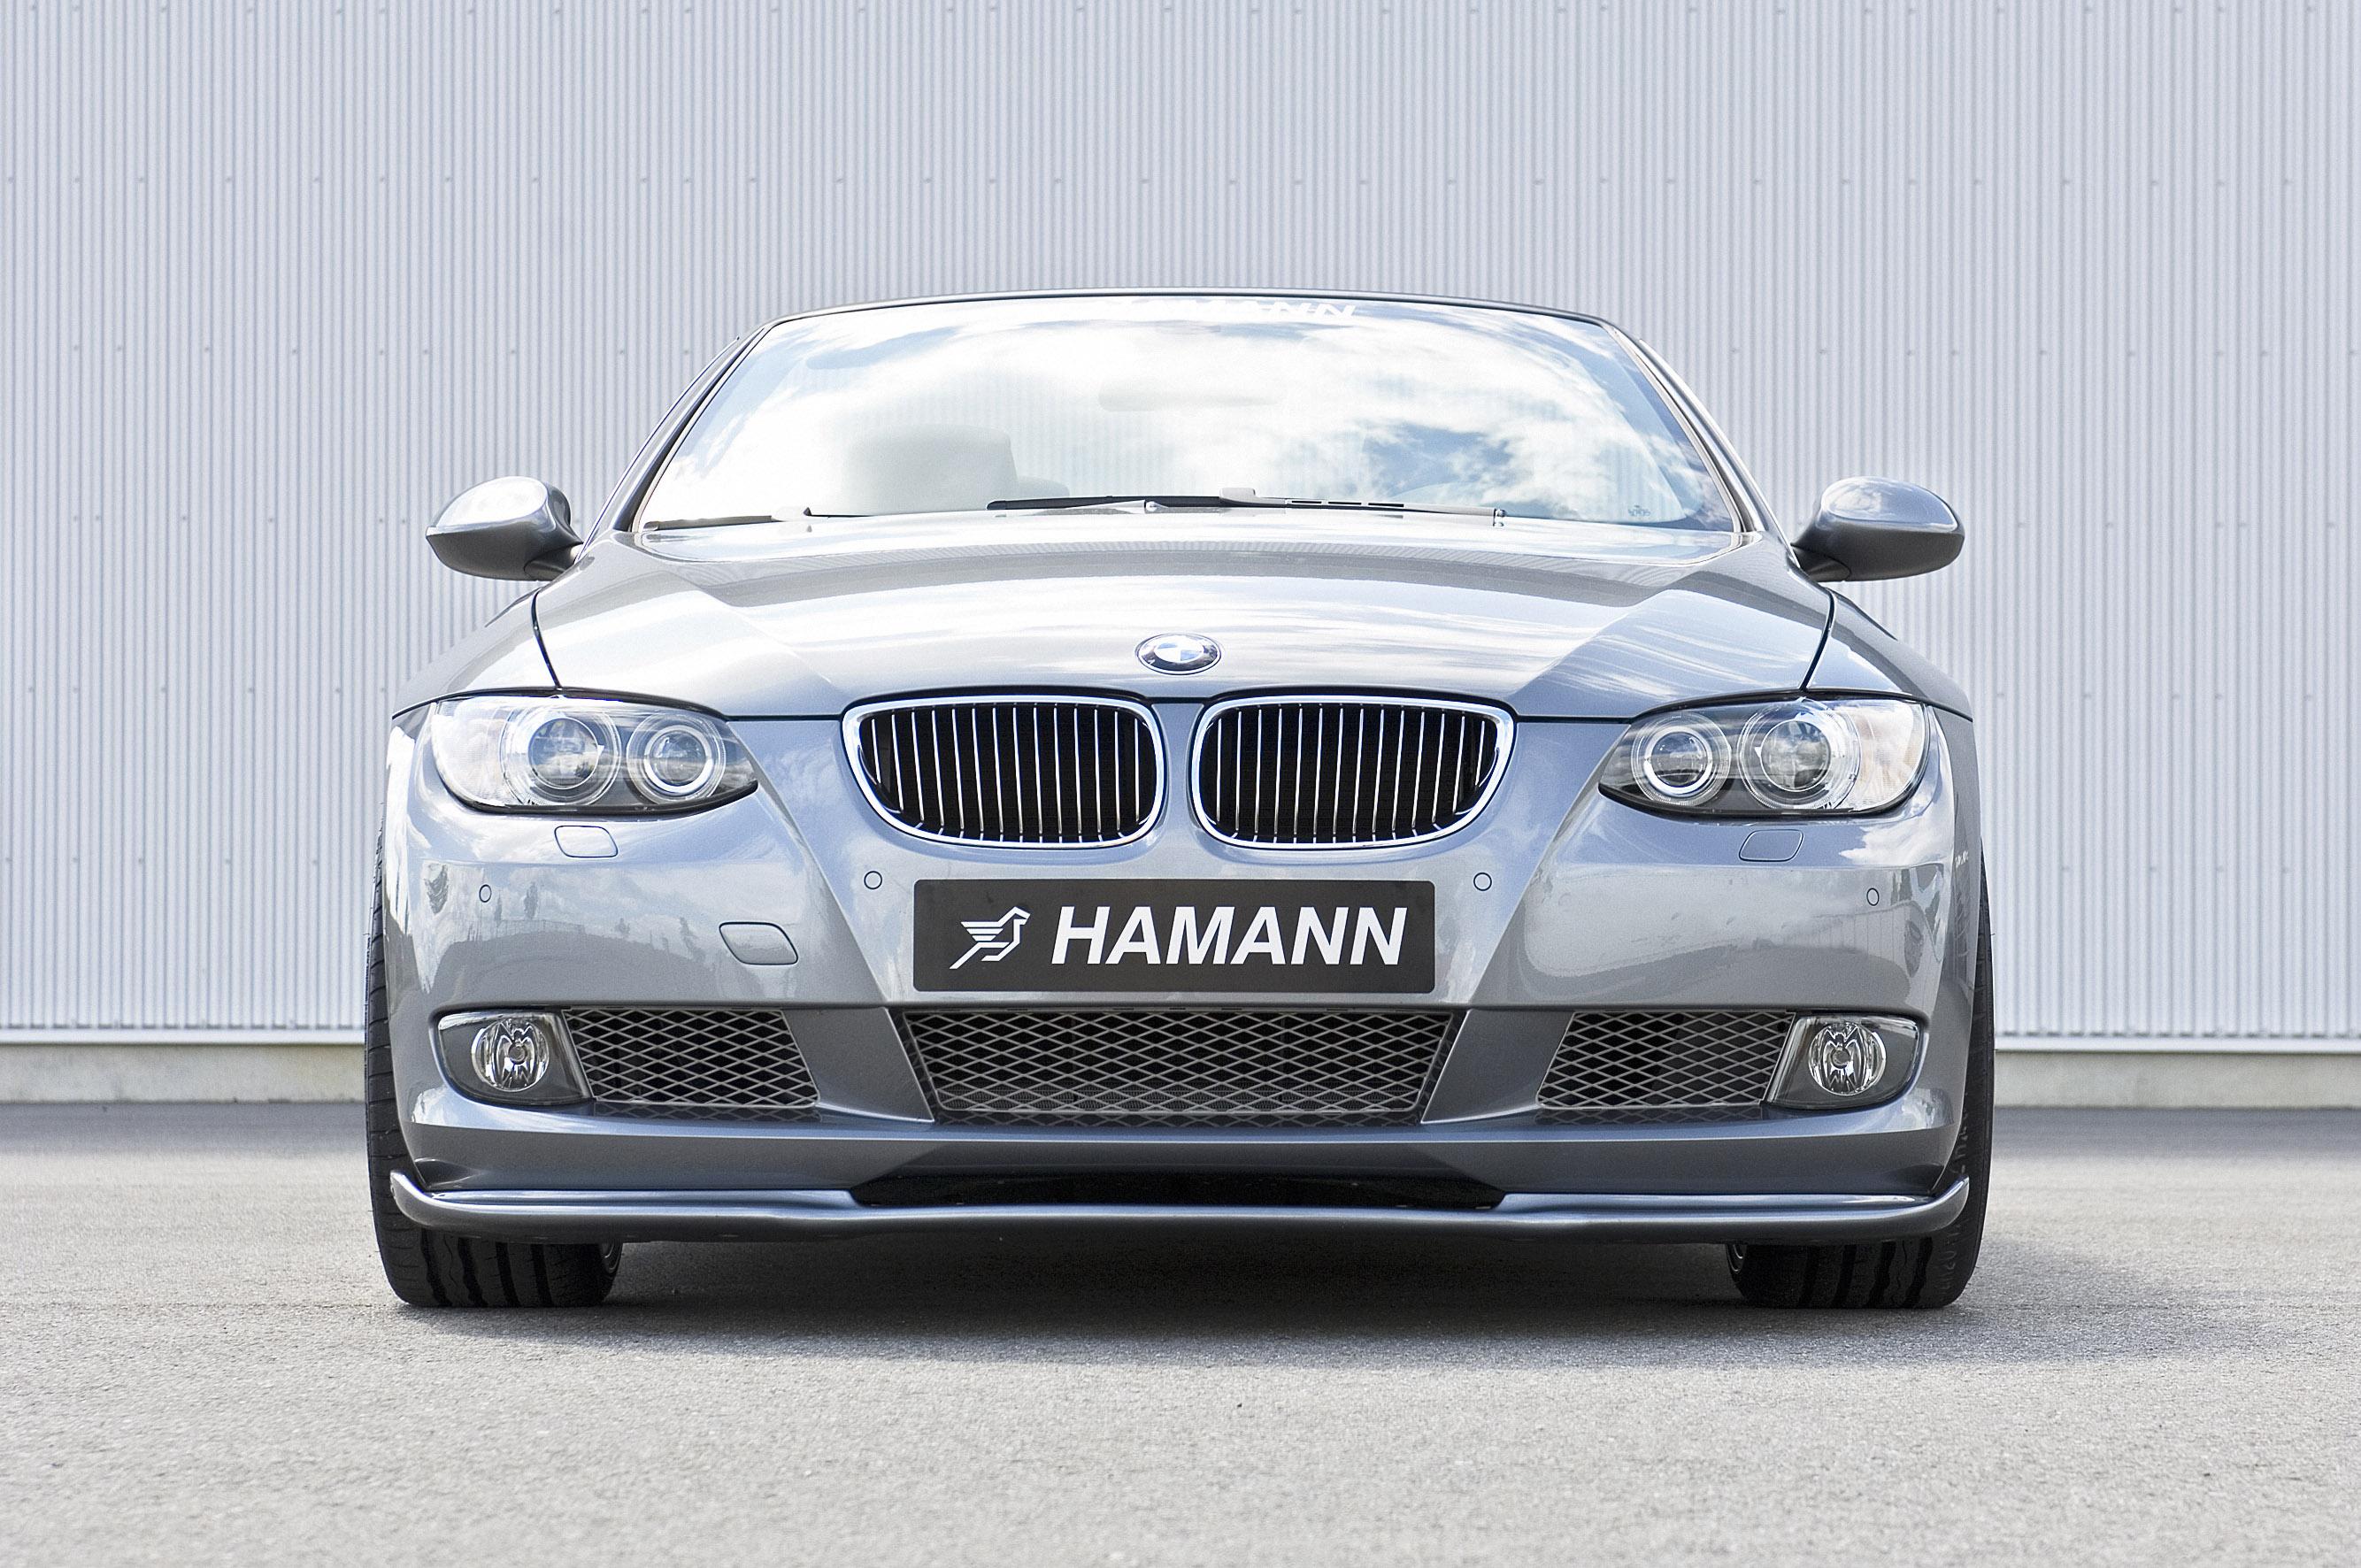 Hamann BMW 3er серии Cabrio - фотография №1